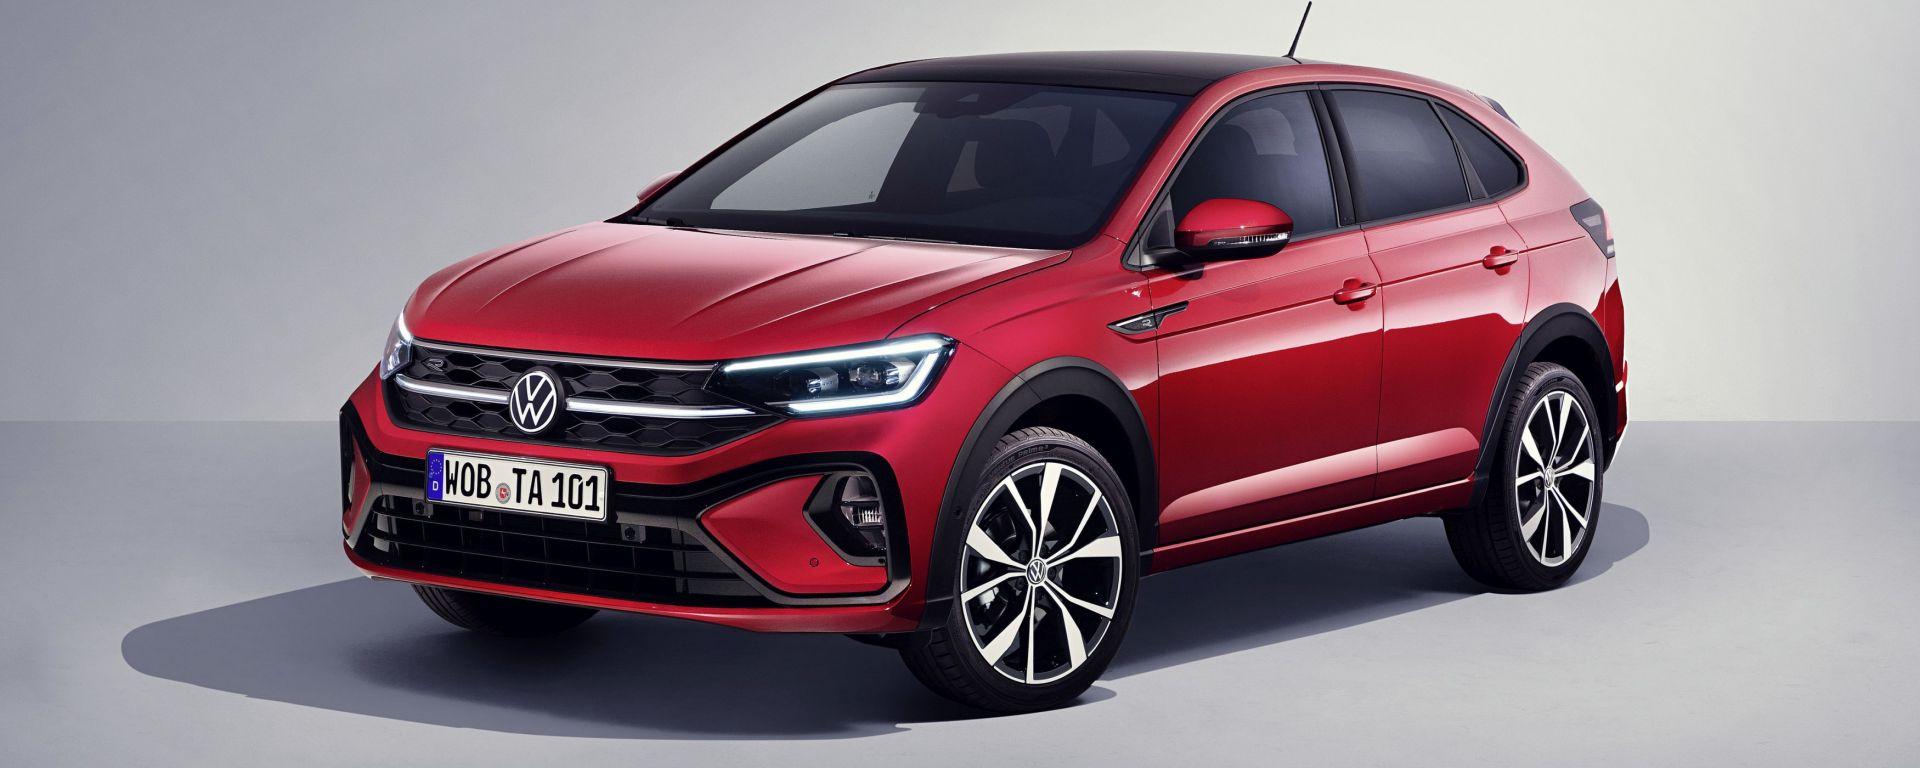 Nuova Volkswagen Taigo: visuale di 3/4 anteriore